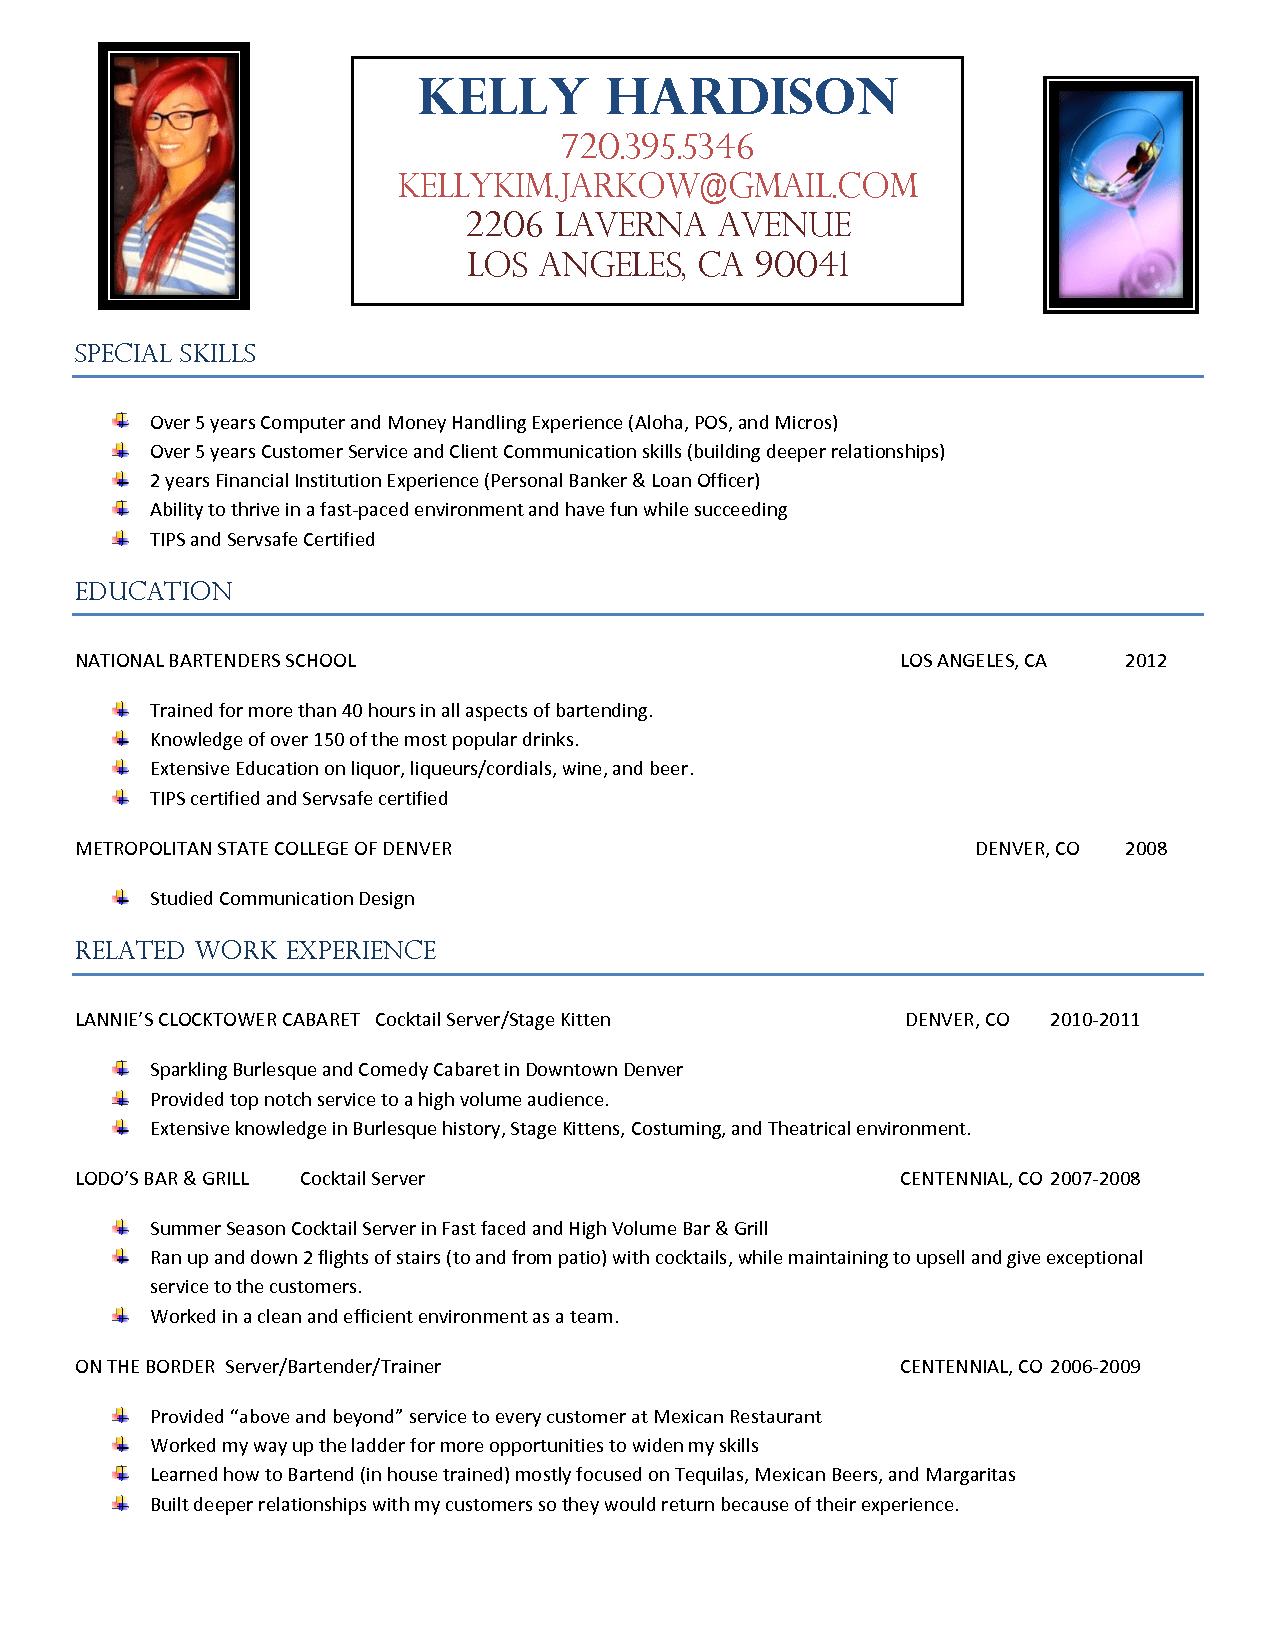 Resume Template For Bartender Resumecareer Info